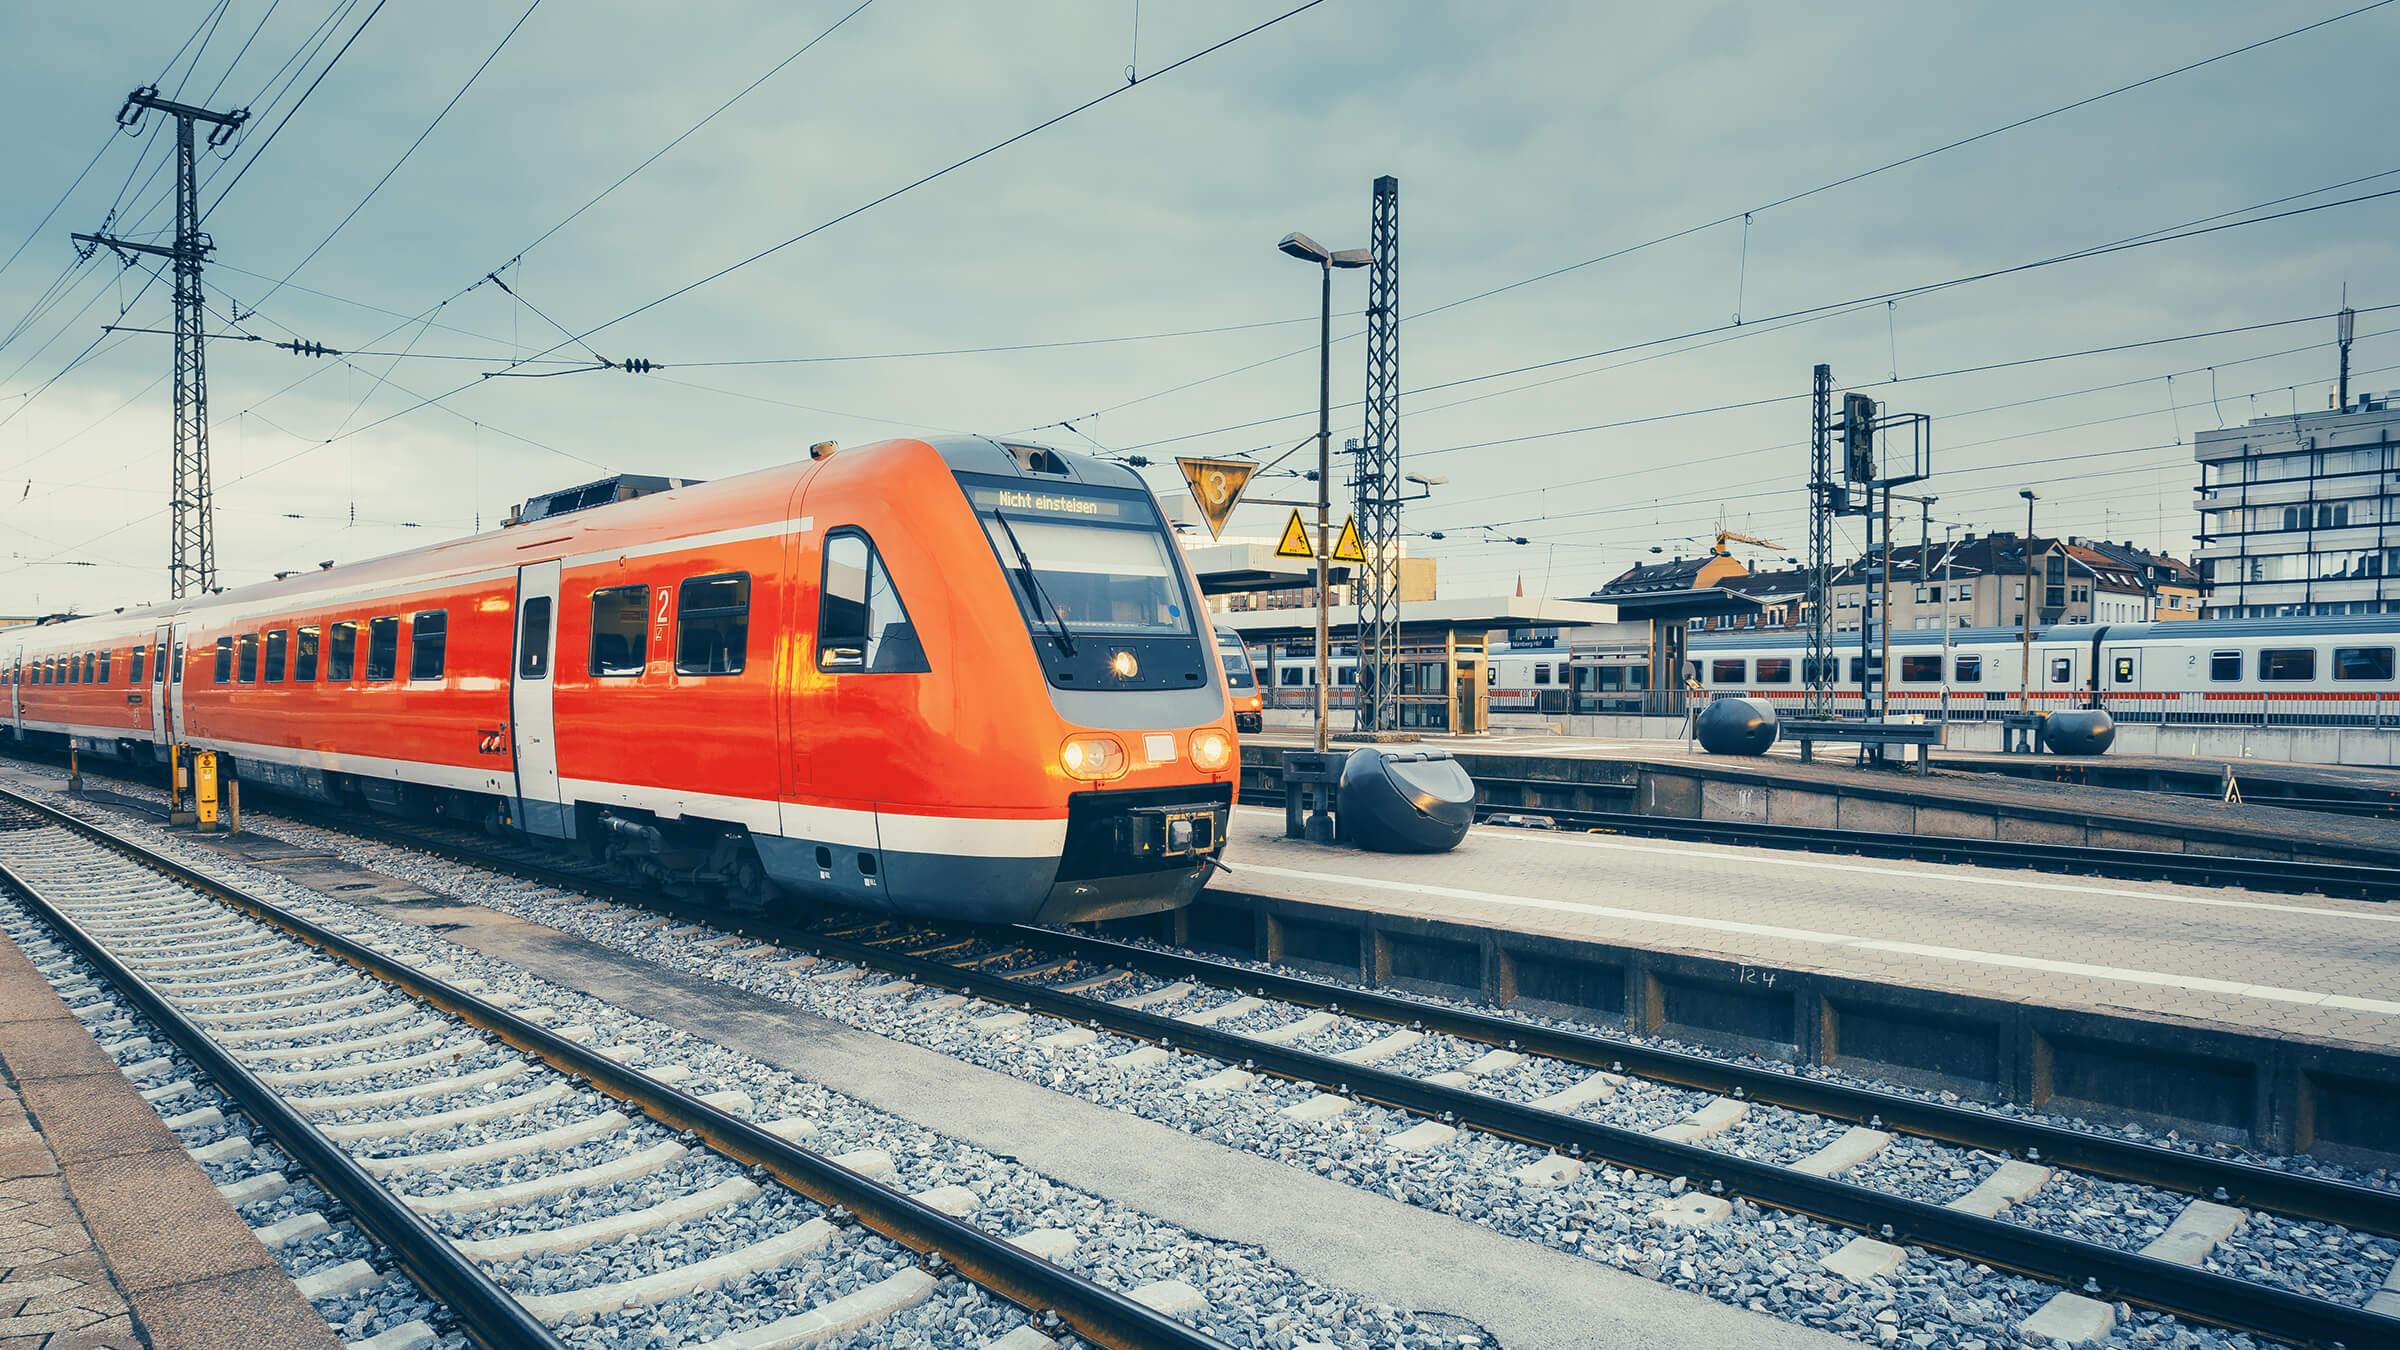 Bild einfahrender Zug